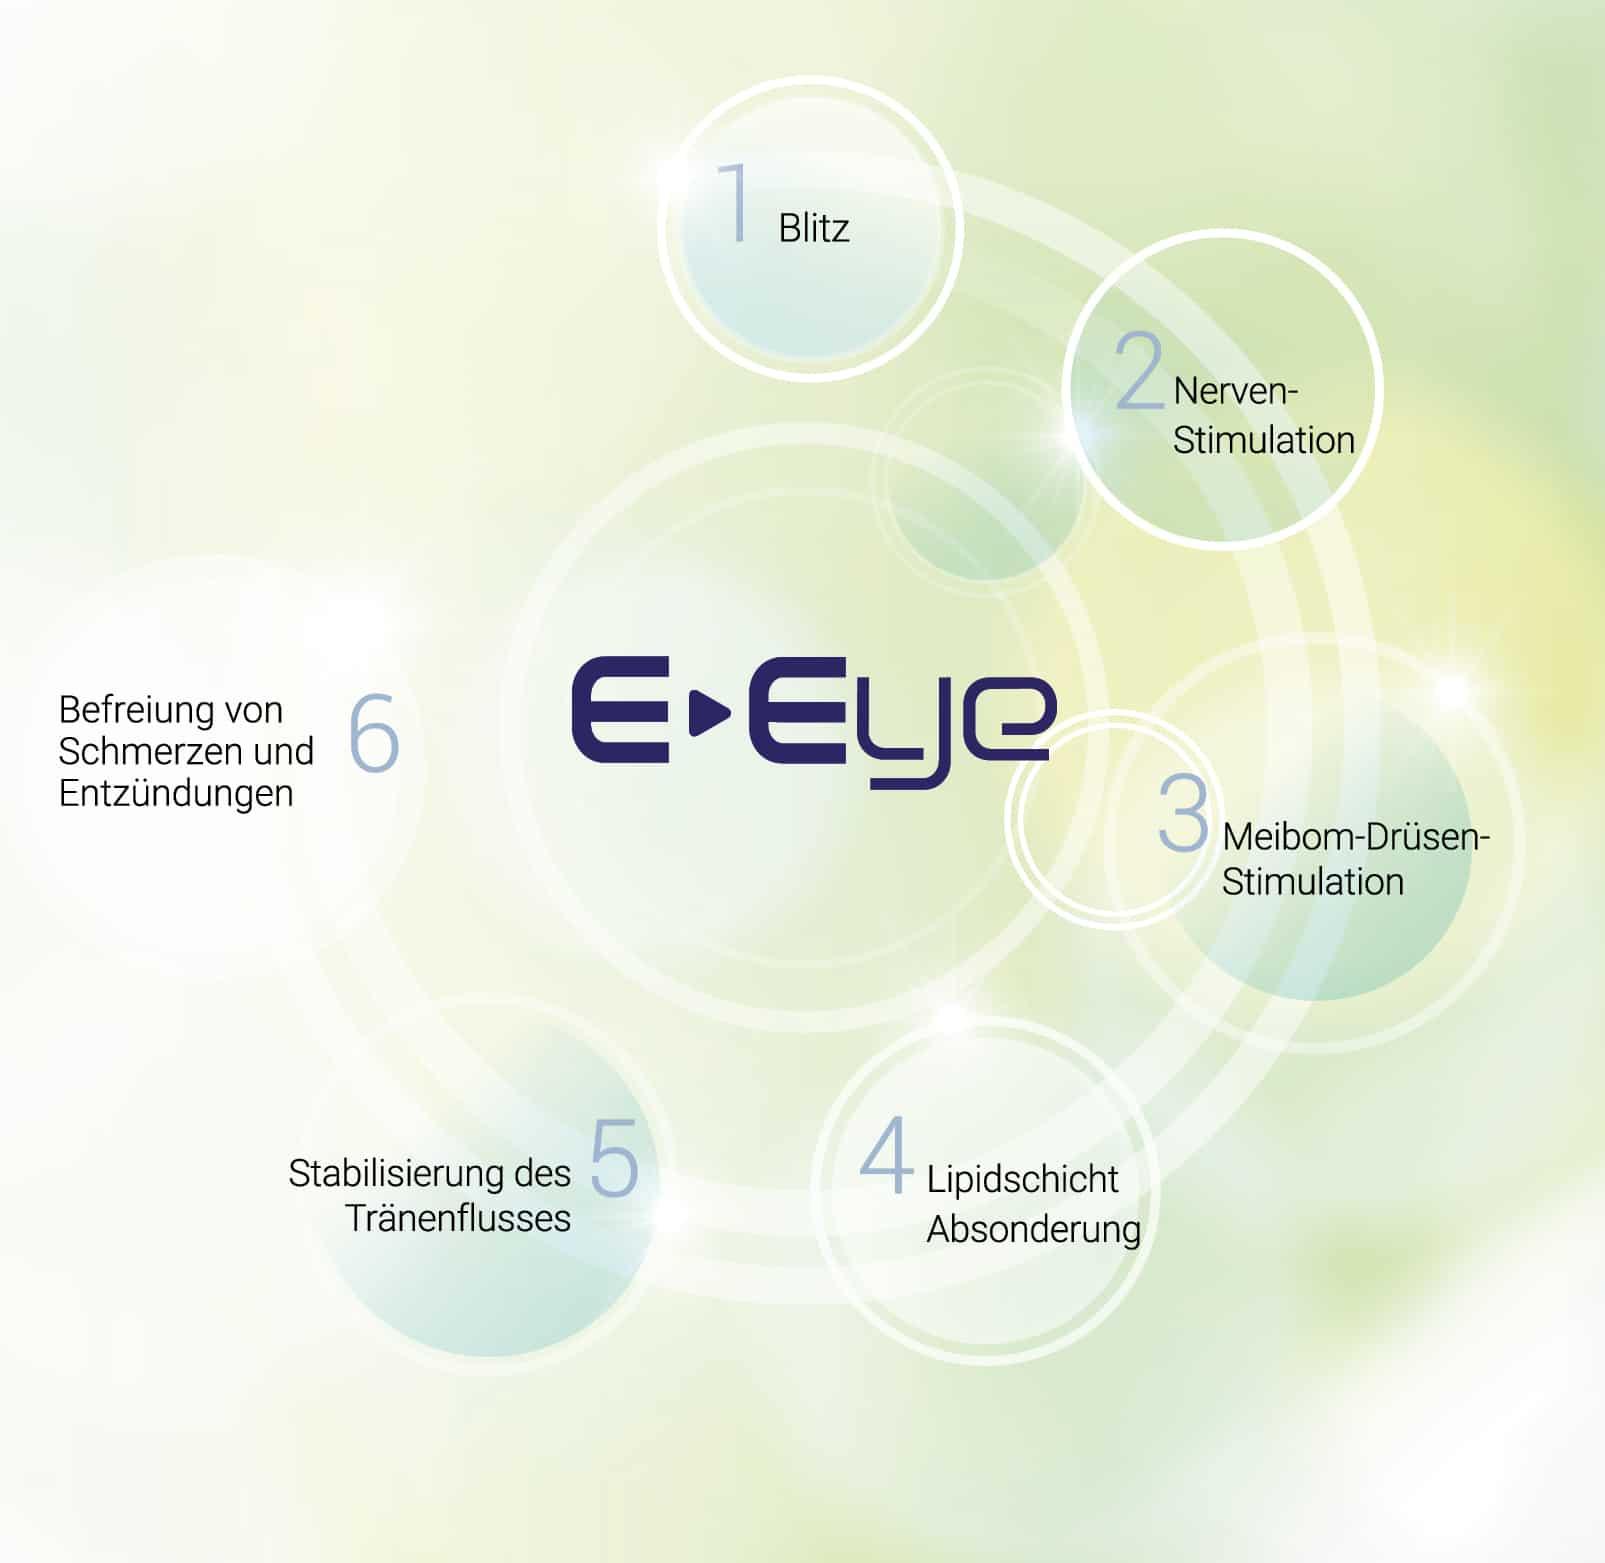 E-Eye Wirkungsschritte: Blitz | Nerven-stimulieren | Meibom-Drüsen stimulieren | Lipidschicht absondern | Tränenfluss stabilisieren | Befreiung von Schmerzen und Entzündungen